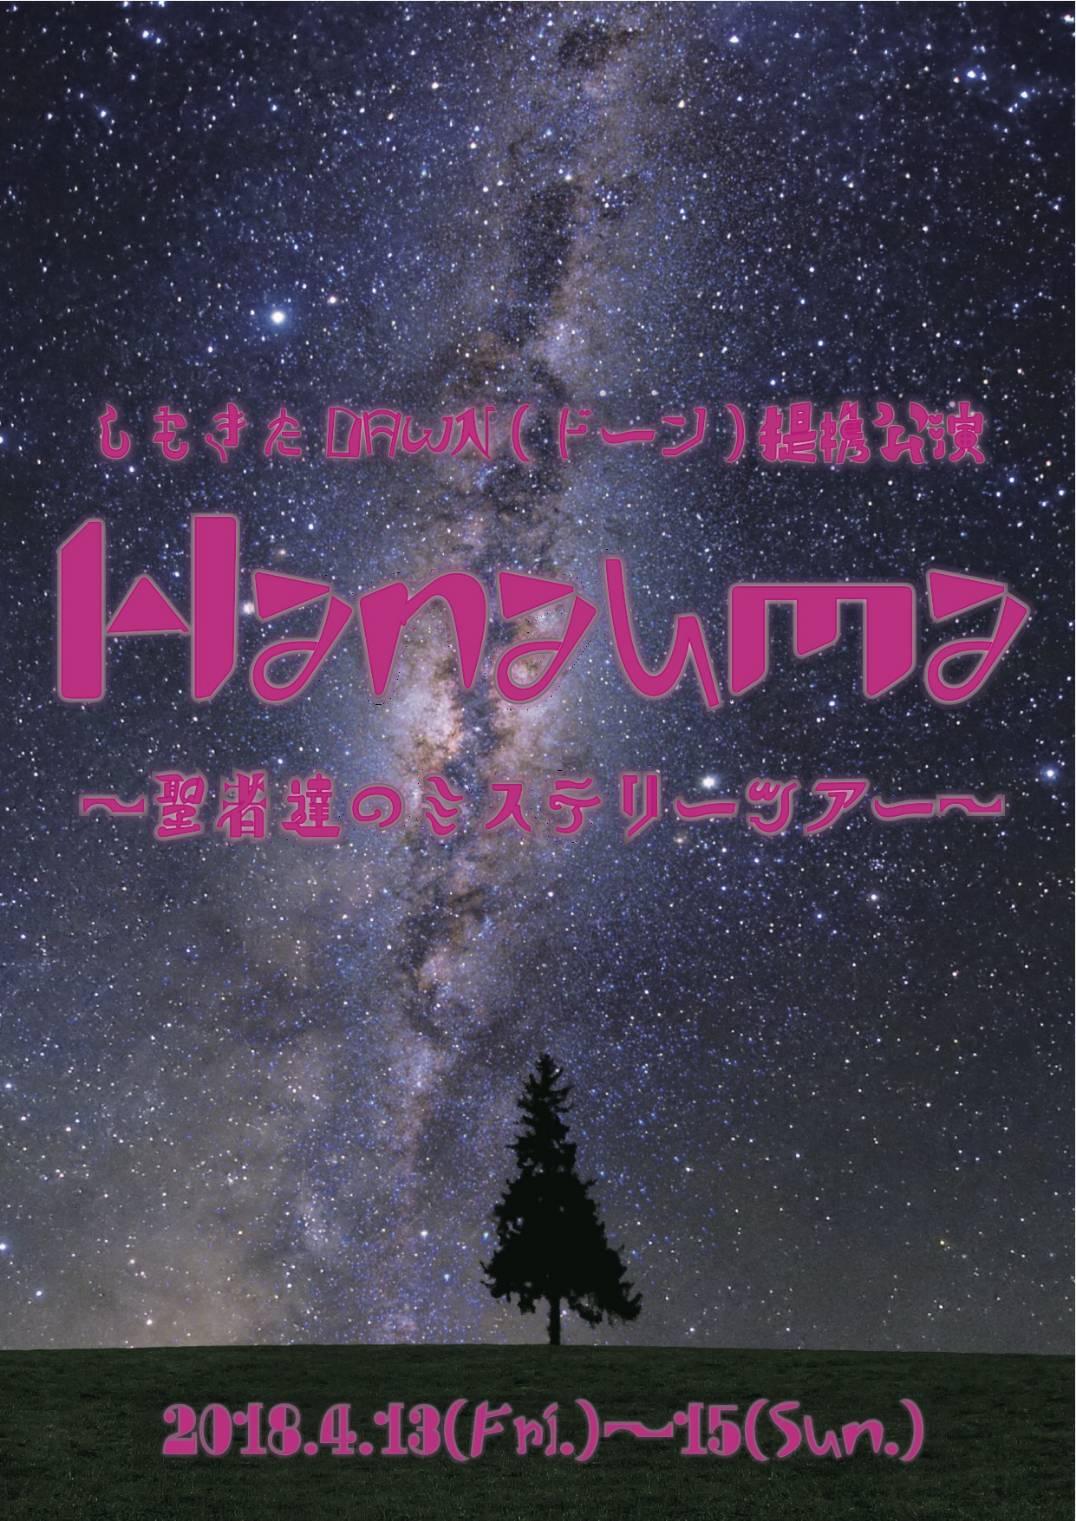 しもきたDAWN(ドーン)提携公演      『Hanauma』~聖者達のミステリーツアー~ @ しもきたドーン